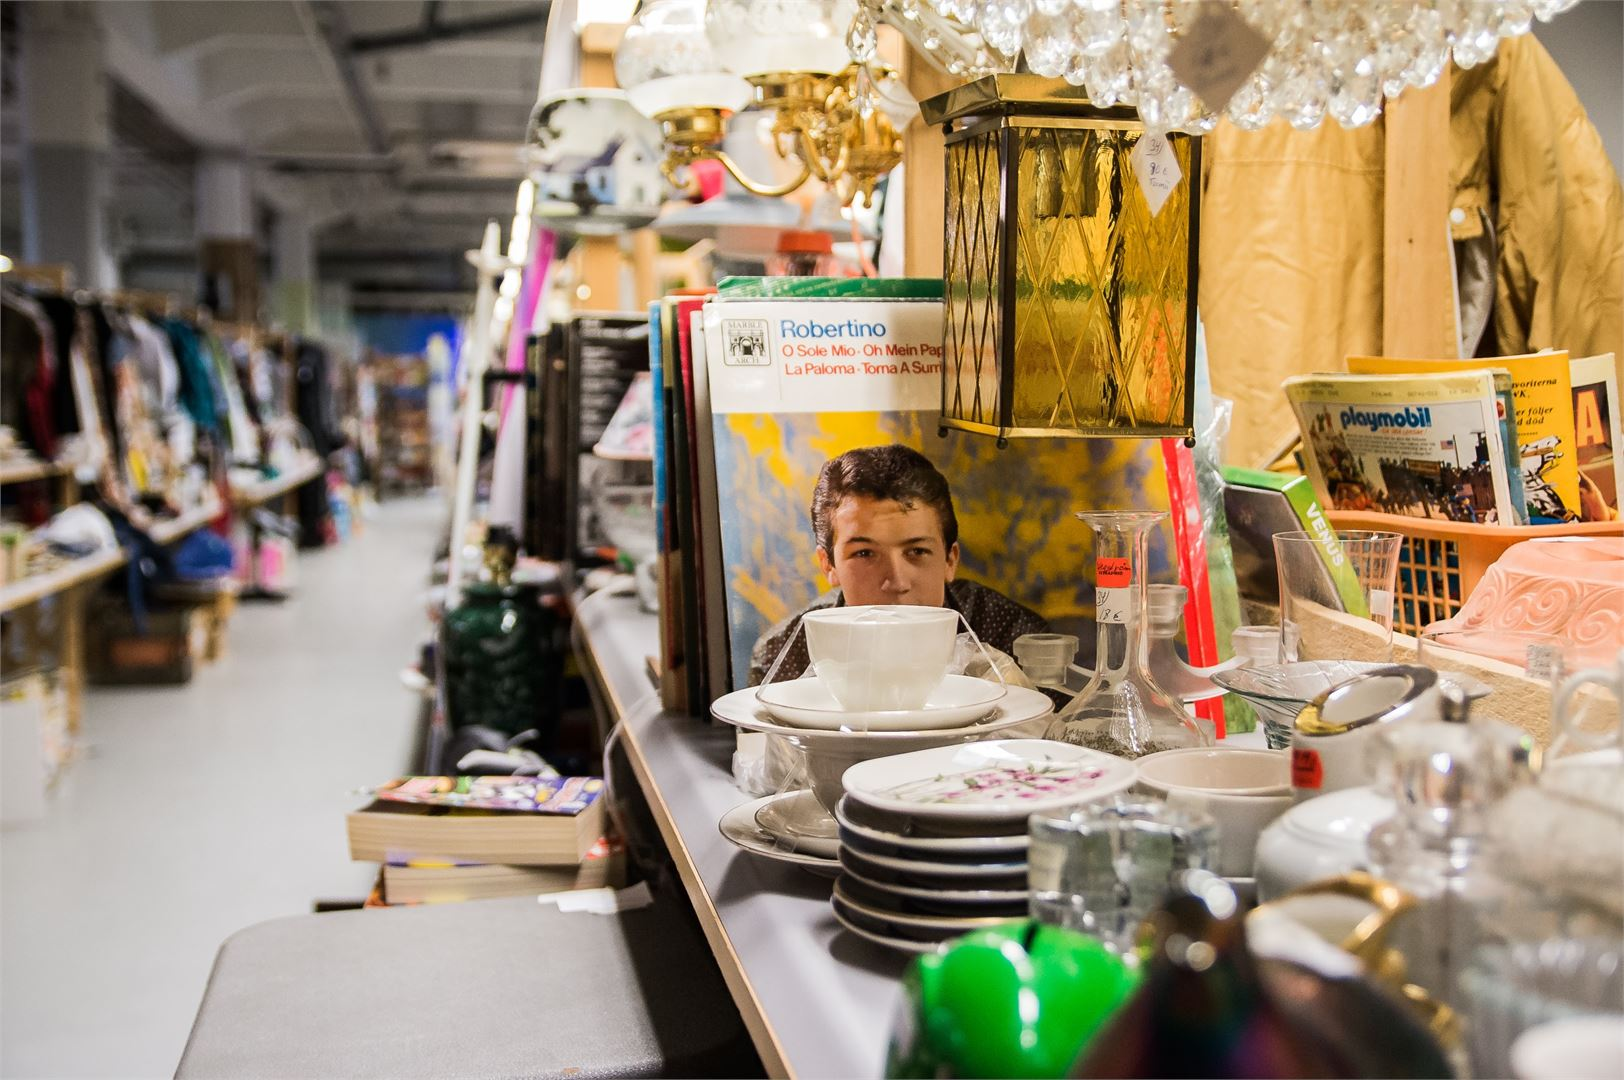 Sell-Buy-Rent innostaa kierrättämään. Kirpputorilla voit myydä tarpeettomat tavarasi ja hamstrata tilalle uusia ihanuuksia.